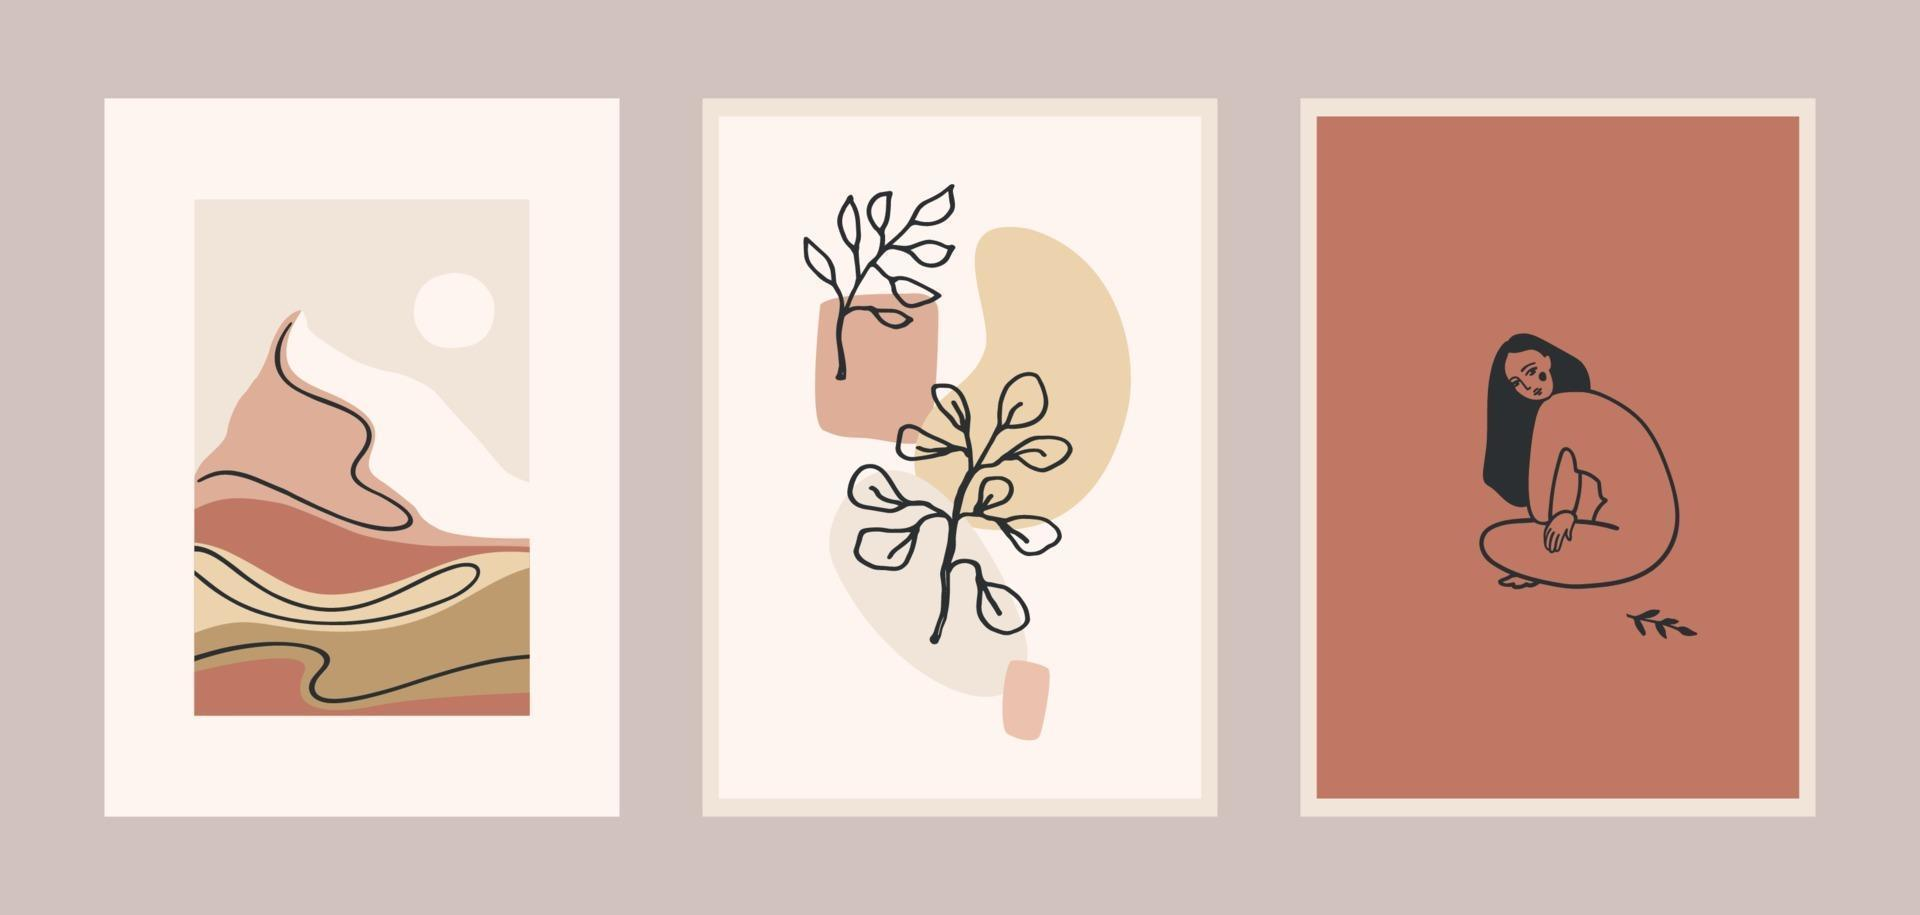 set di stampe d'arte contemporanea. Linea artistica. moderno design vettoriale per poster, cartoline, imballaggi e altro ancora